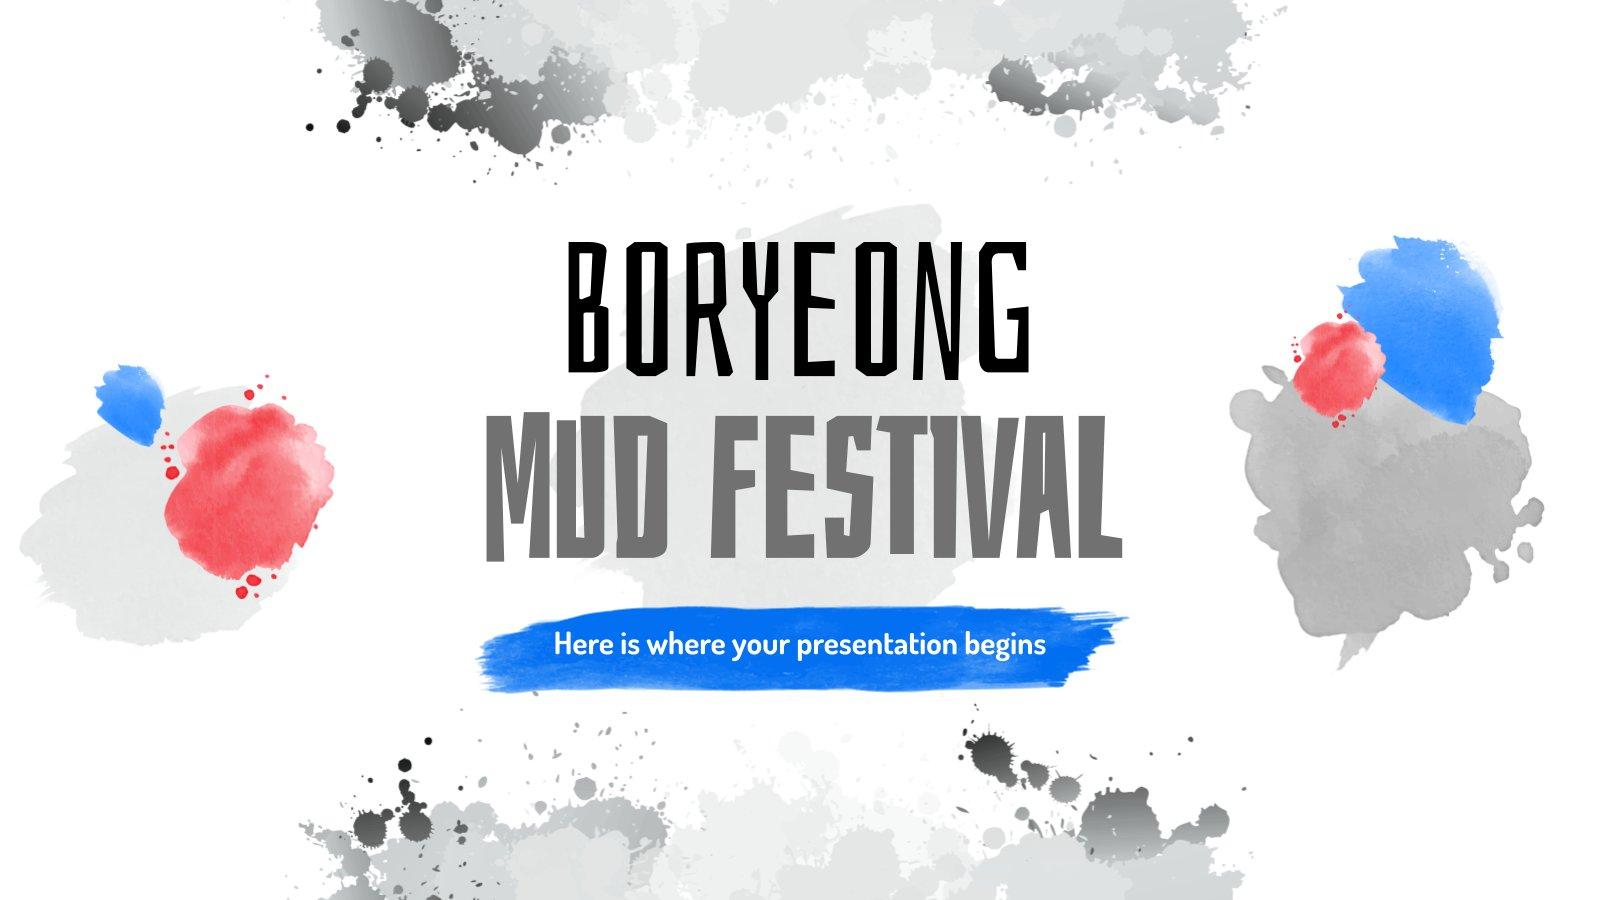 Modelo de apresentação Festival de Lama de Boryeong